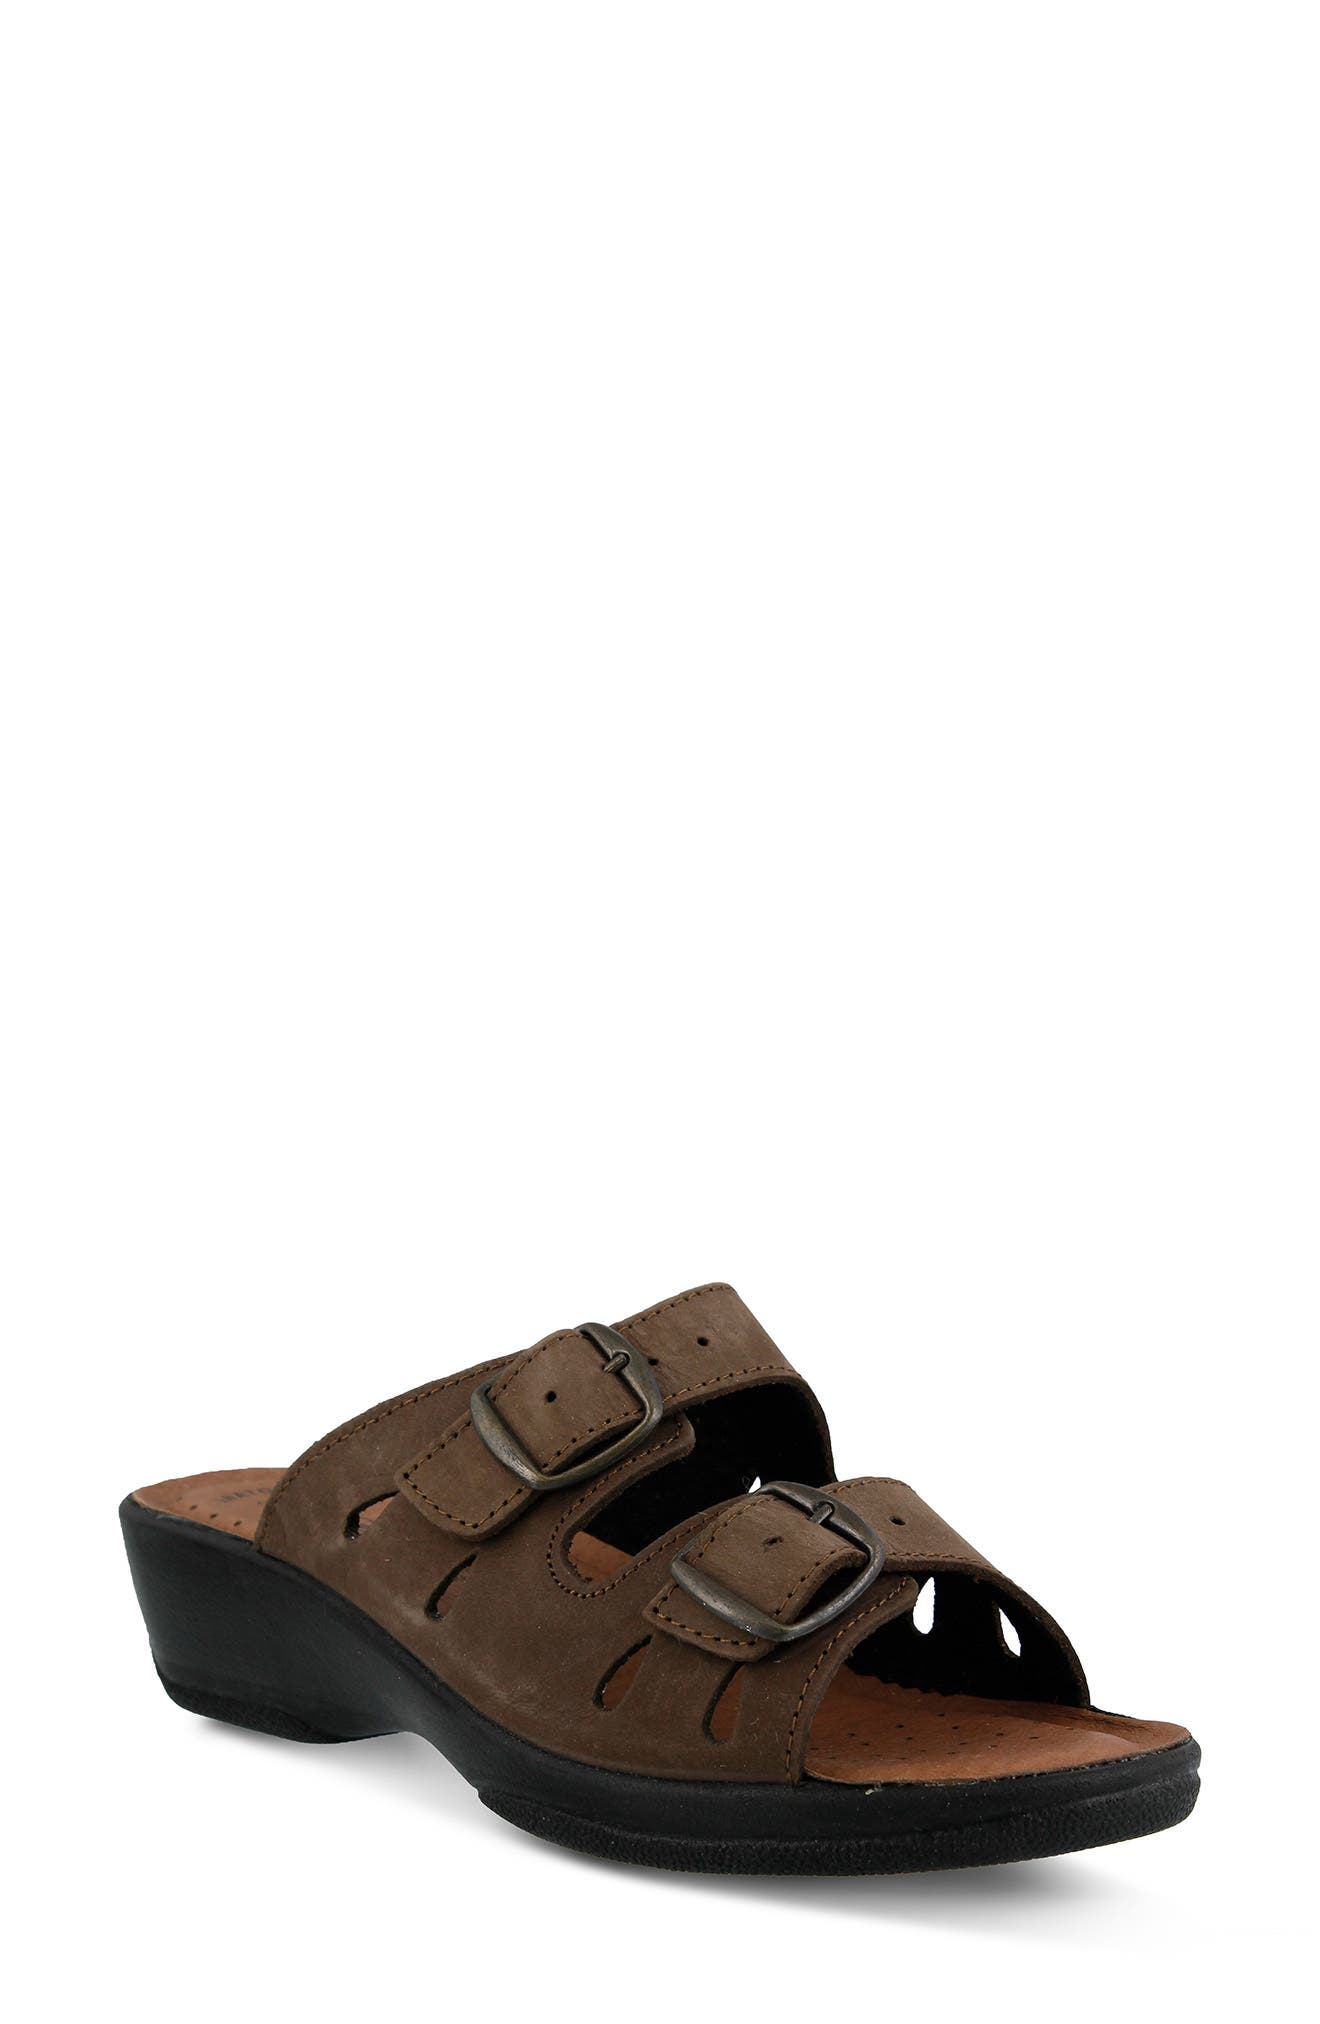 Decca Slide Sandal